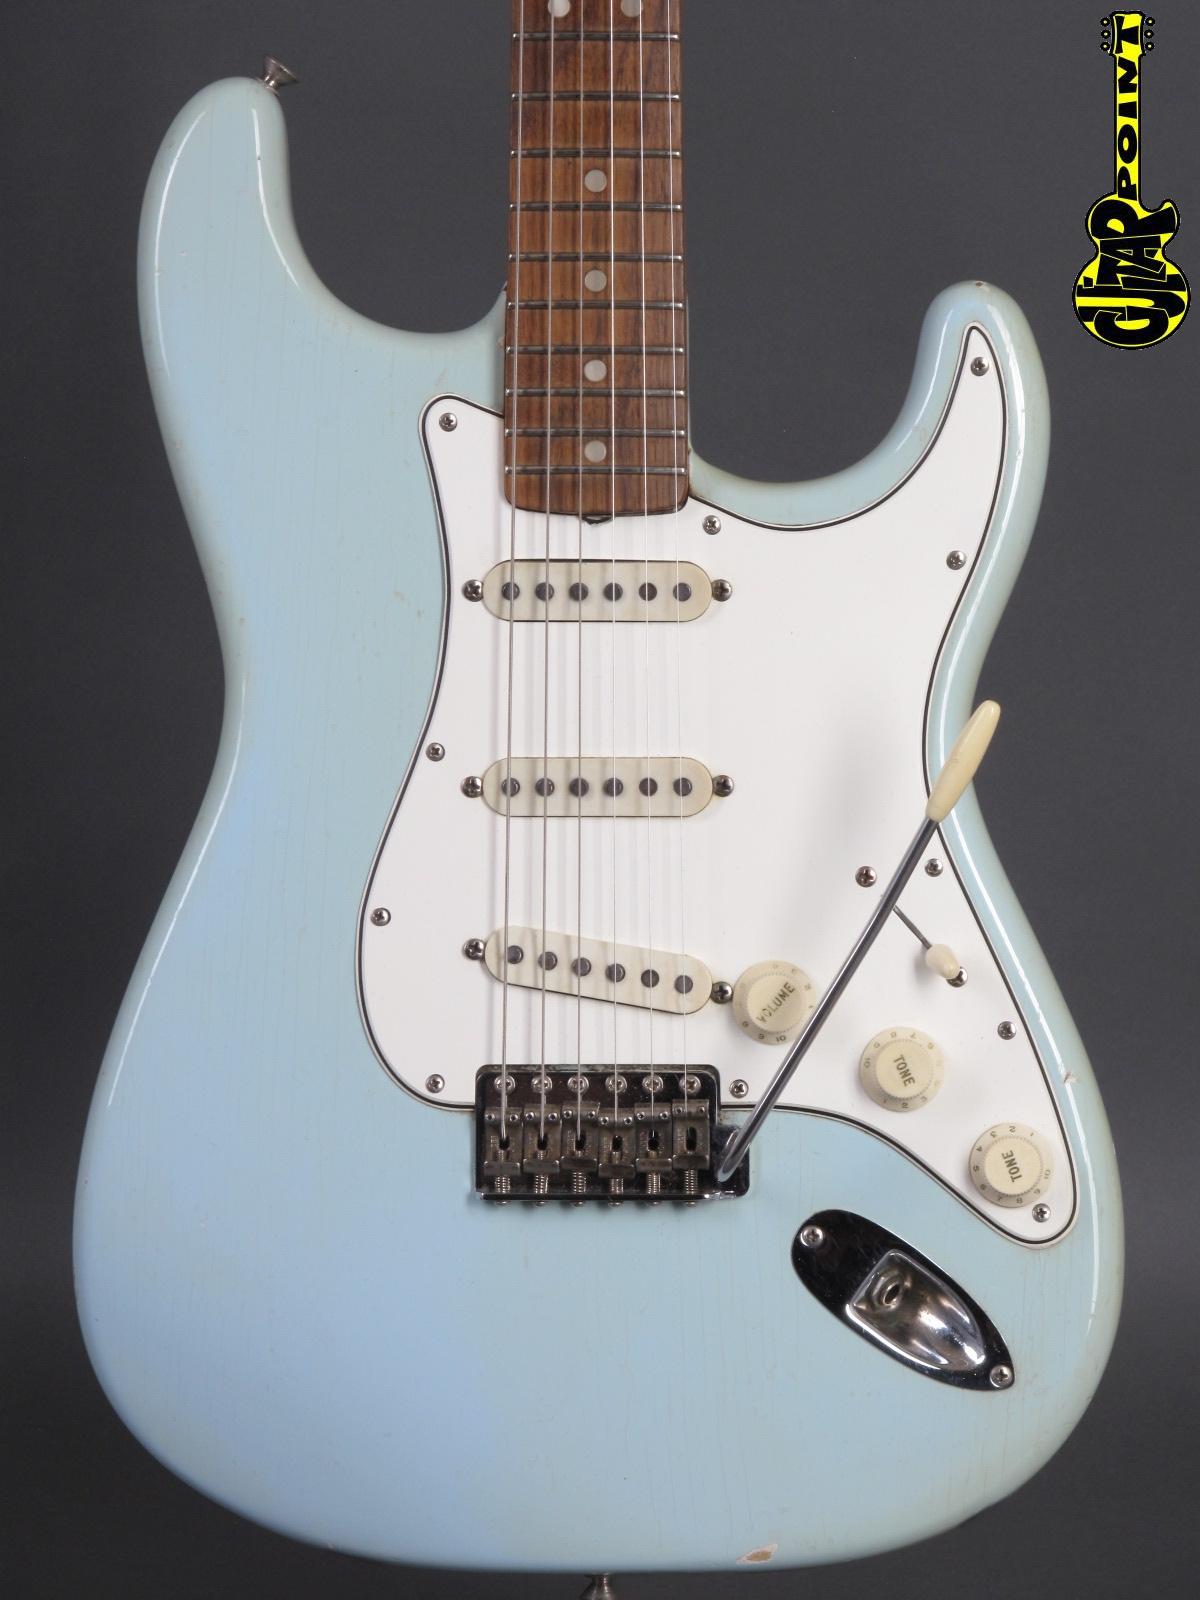 1965 Fender Stratocaster - Sonic Blue